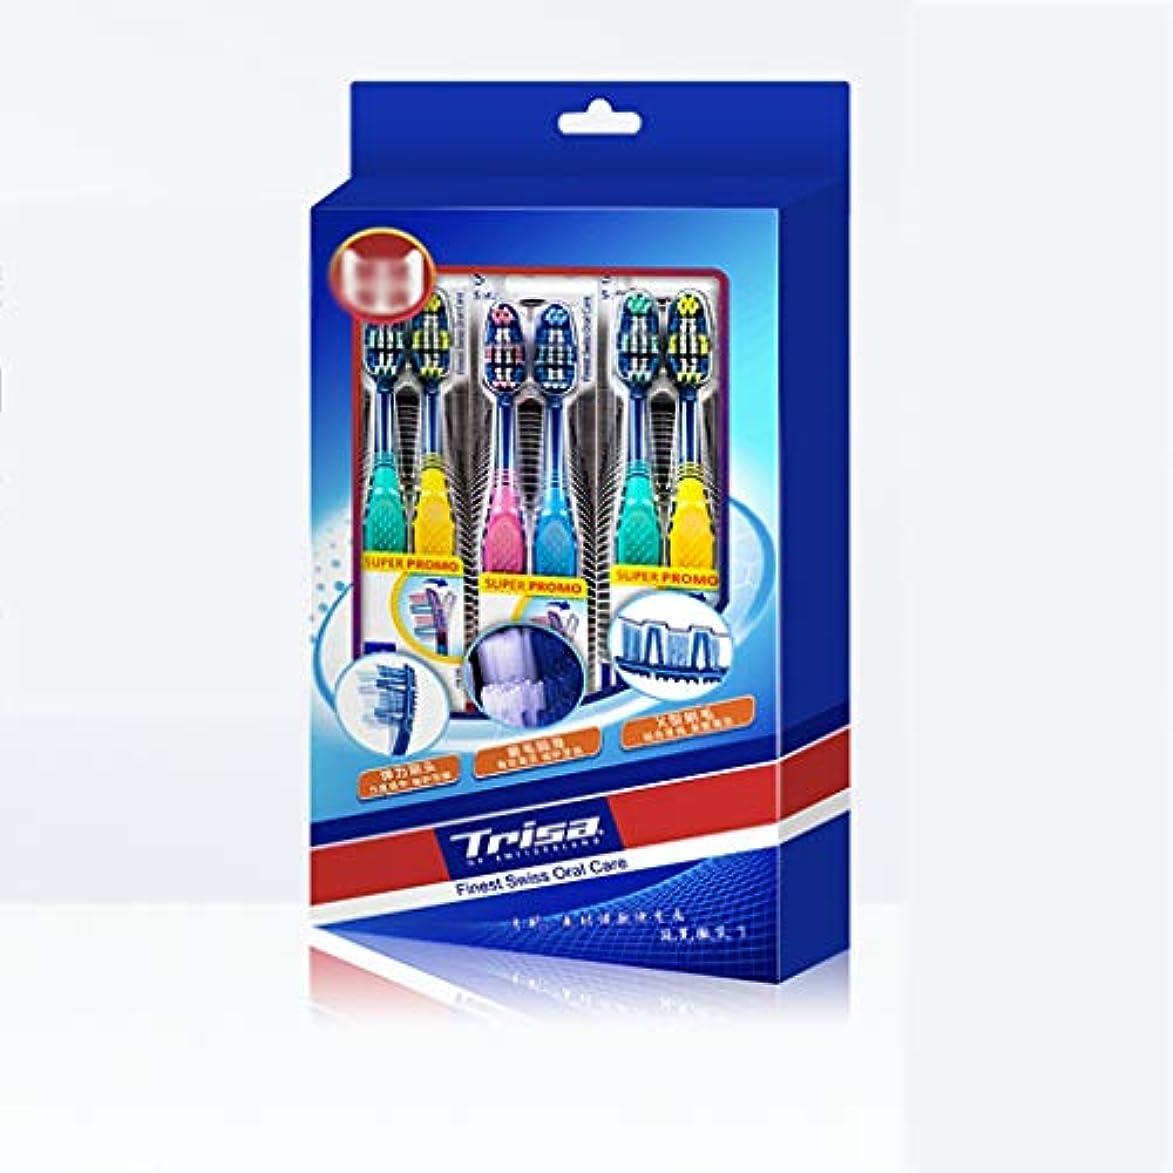 マニフェスト慣性失速歯茎を傷つけることはありません6スーパーソフト歯ブラシ、強力な洗浄力、歯ブラシ